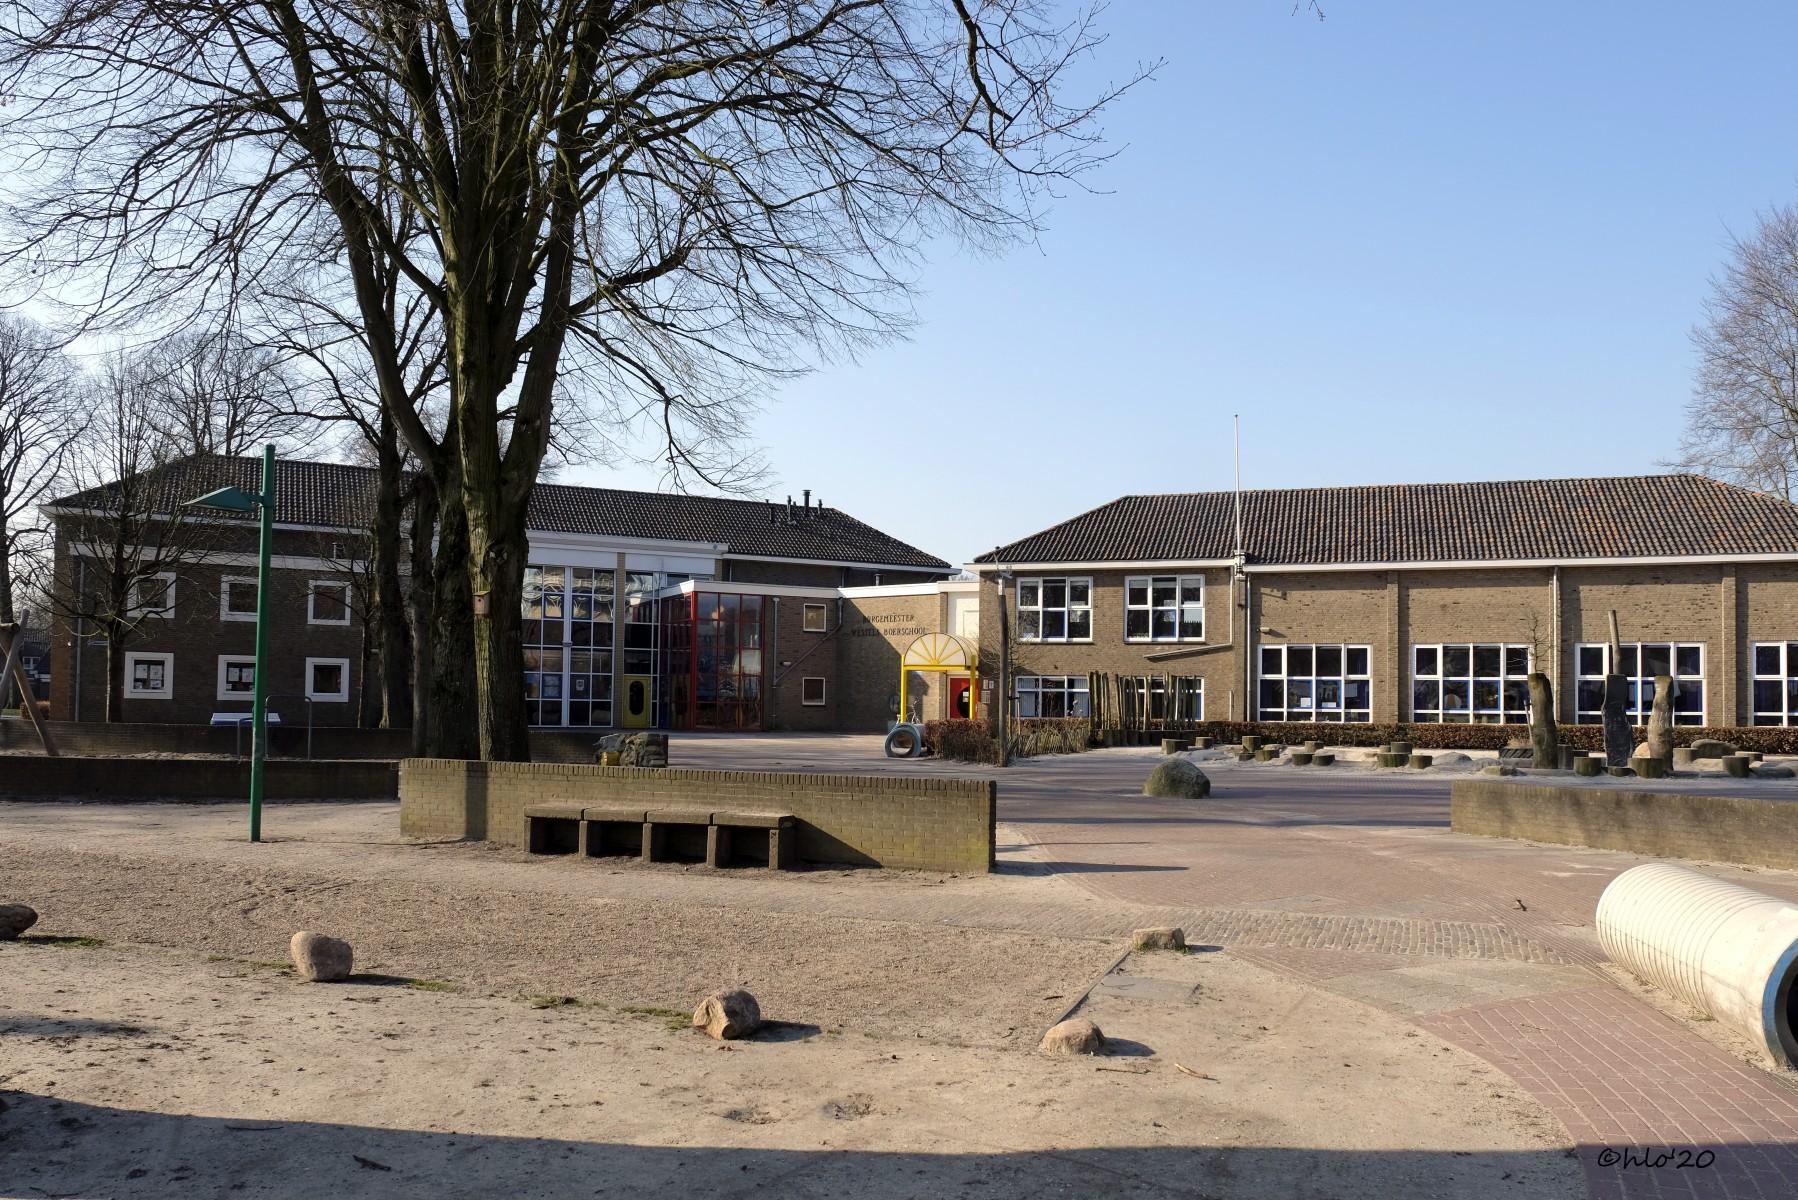 Foto van het Doeplein bij de BWBschool; op het plein spelen geen kinderen in verband met Corona-epidemie.